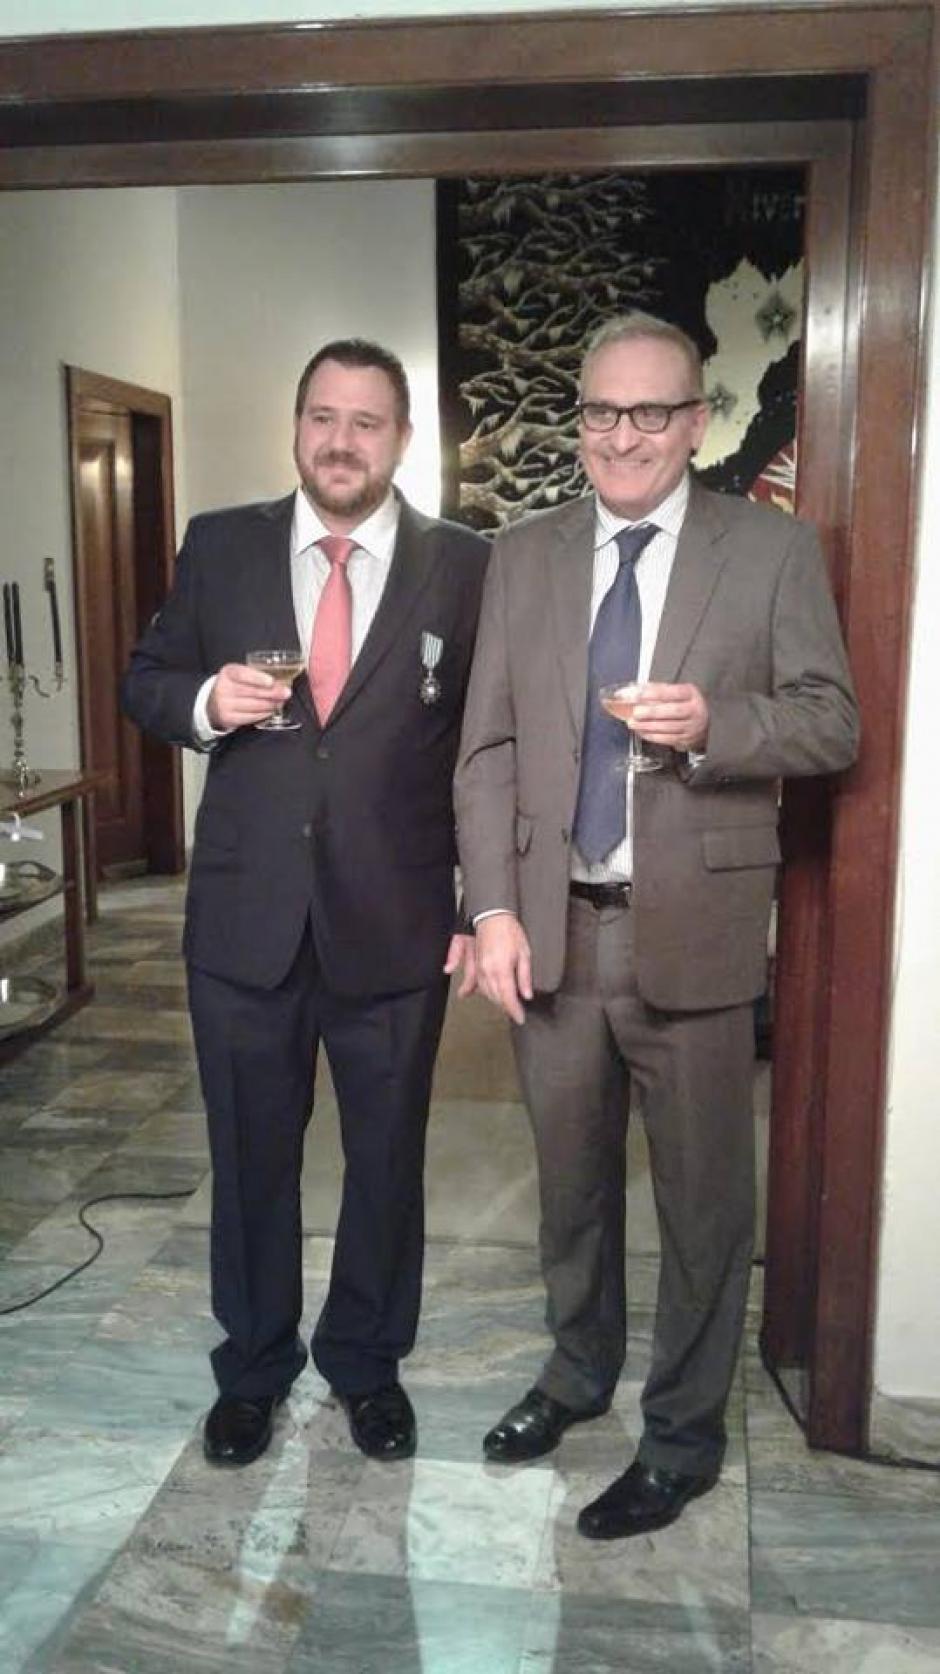 Philippe considera a Francia su segundo hogar. (Foto: Embajada de Francia en Guatemala)